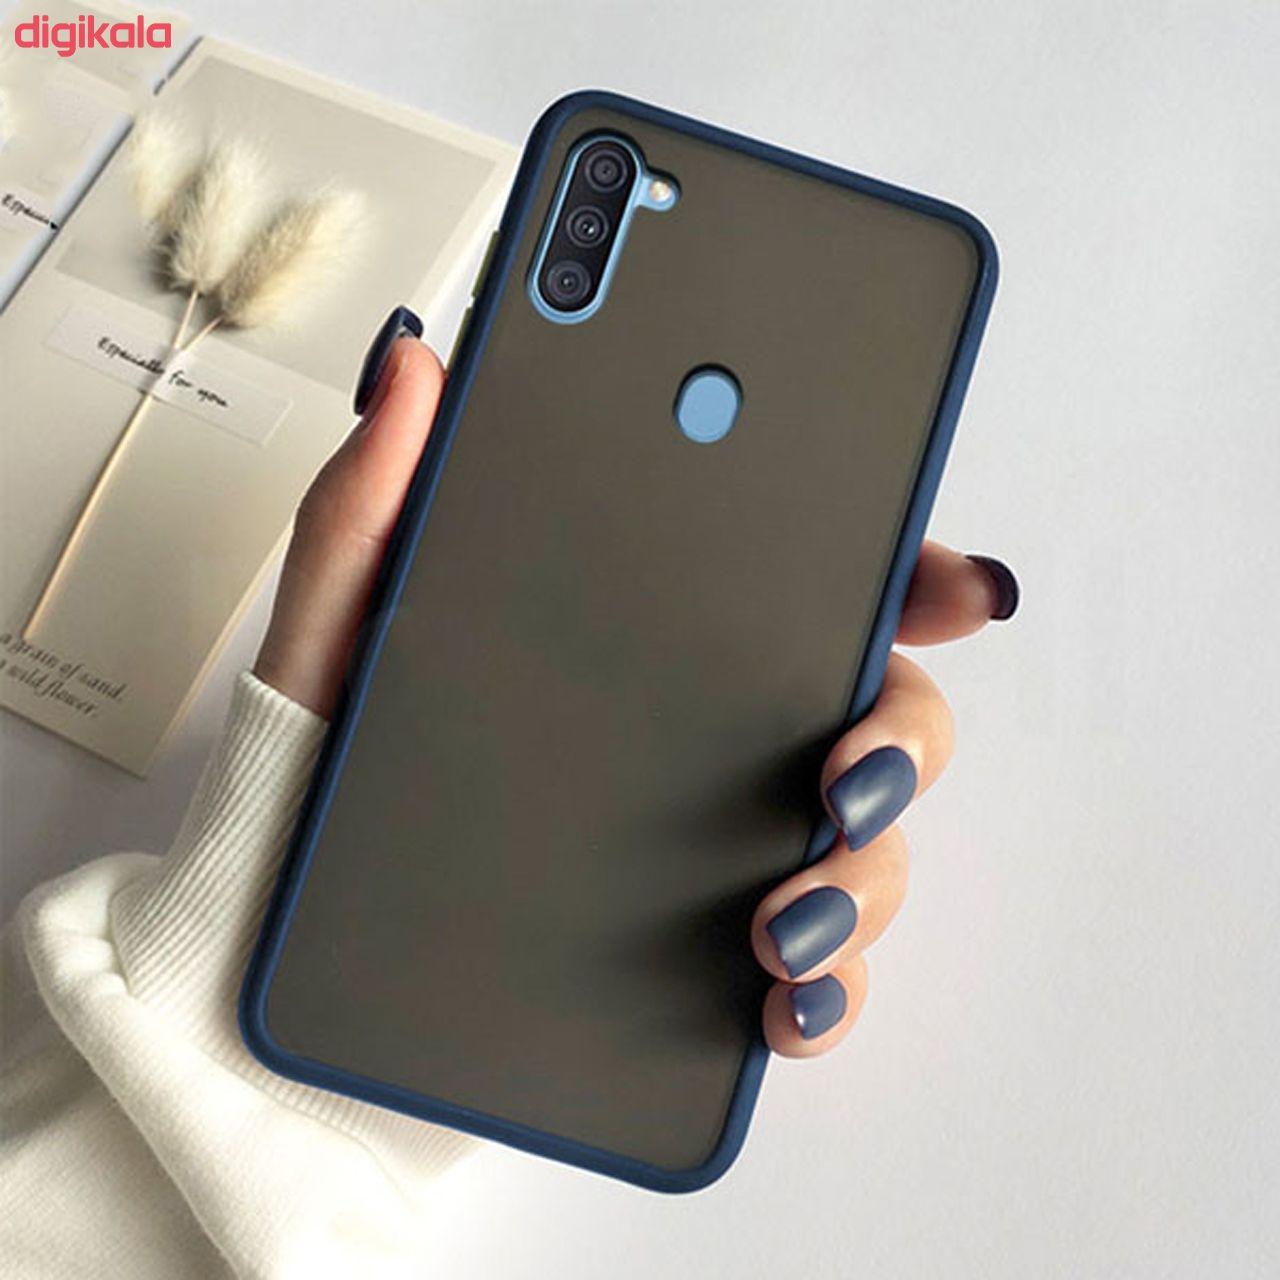 کاور کینگ پاور مدل M21 مناسب برای گوشی موبایل سامسونگ Galaxy A11 main 1 16